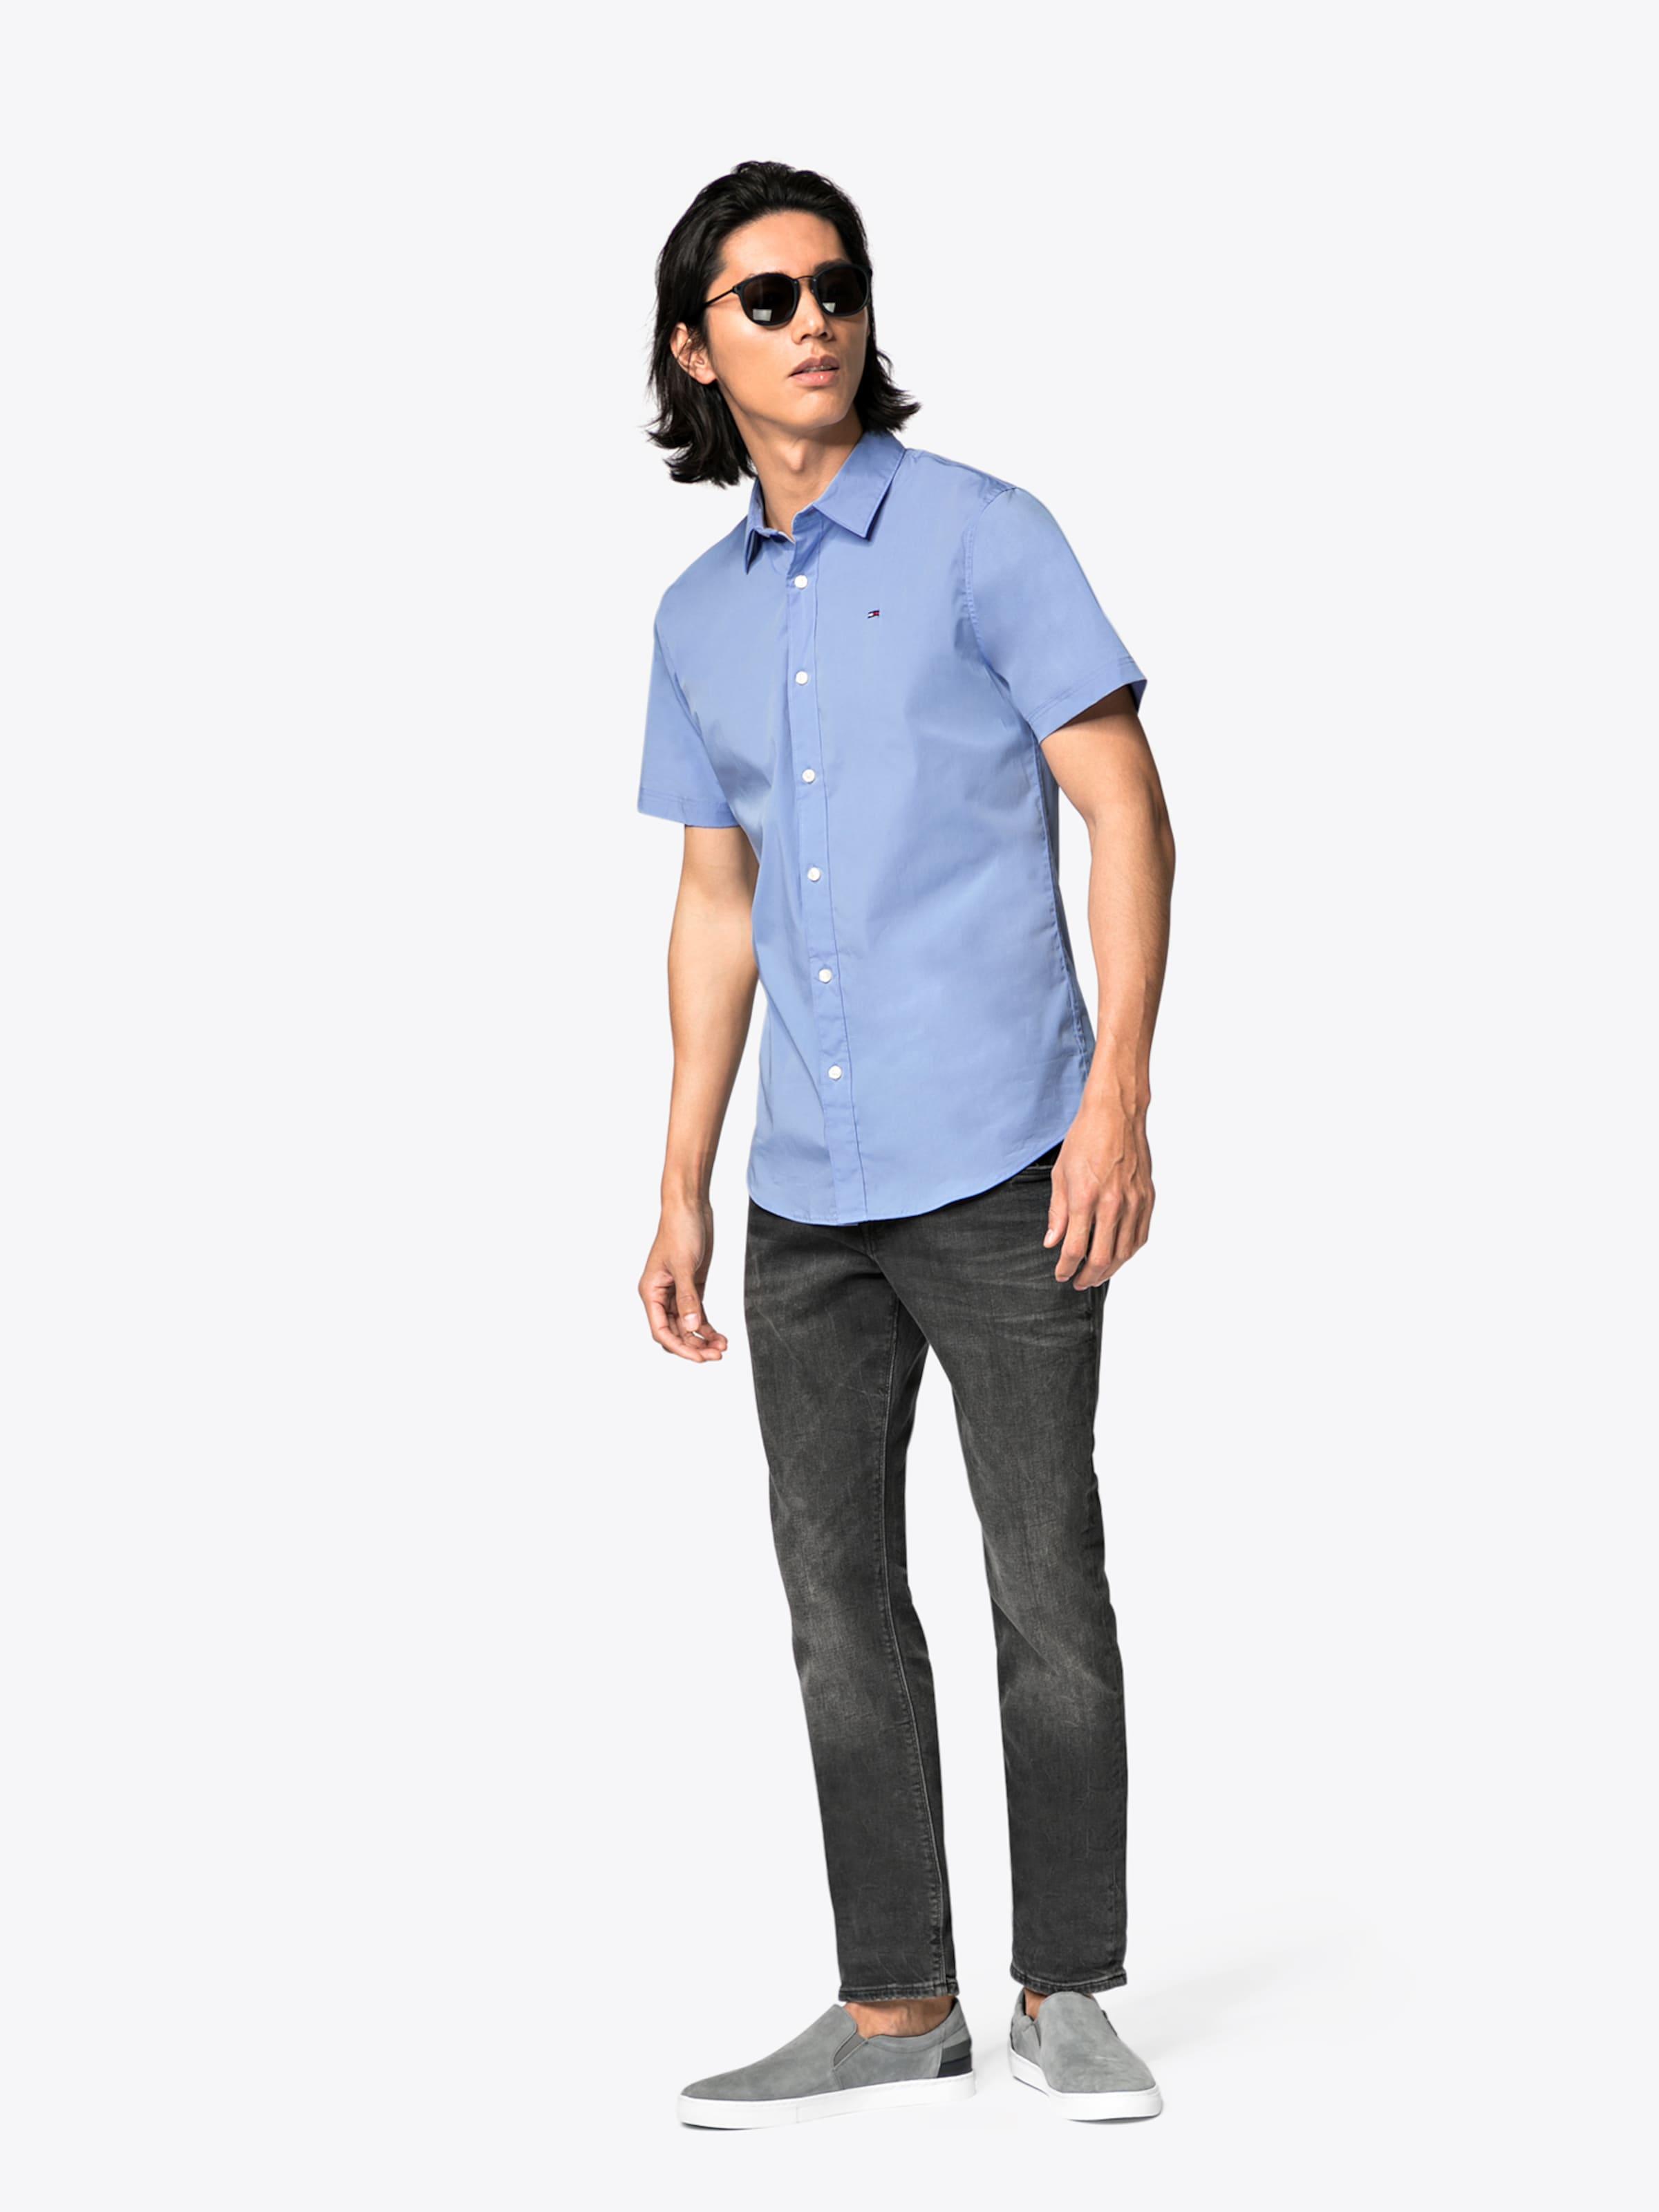 Tommy Jeans Hemd 'TJM ESSENTIAL STRETCH SHIRT' Niedriger Preis Versandkosten Für Online-Verkauf W75QVrye